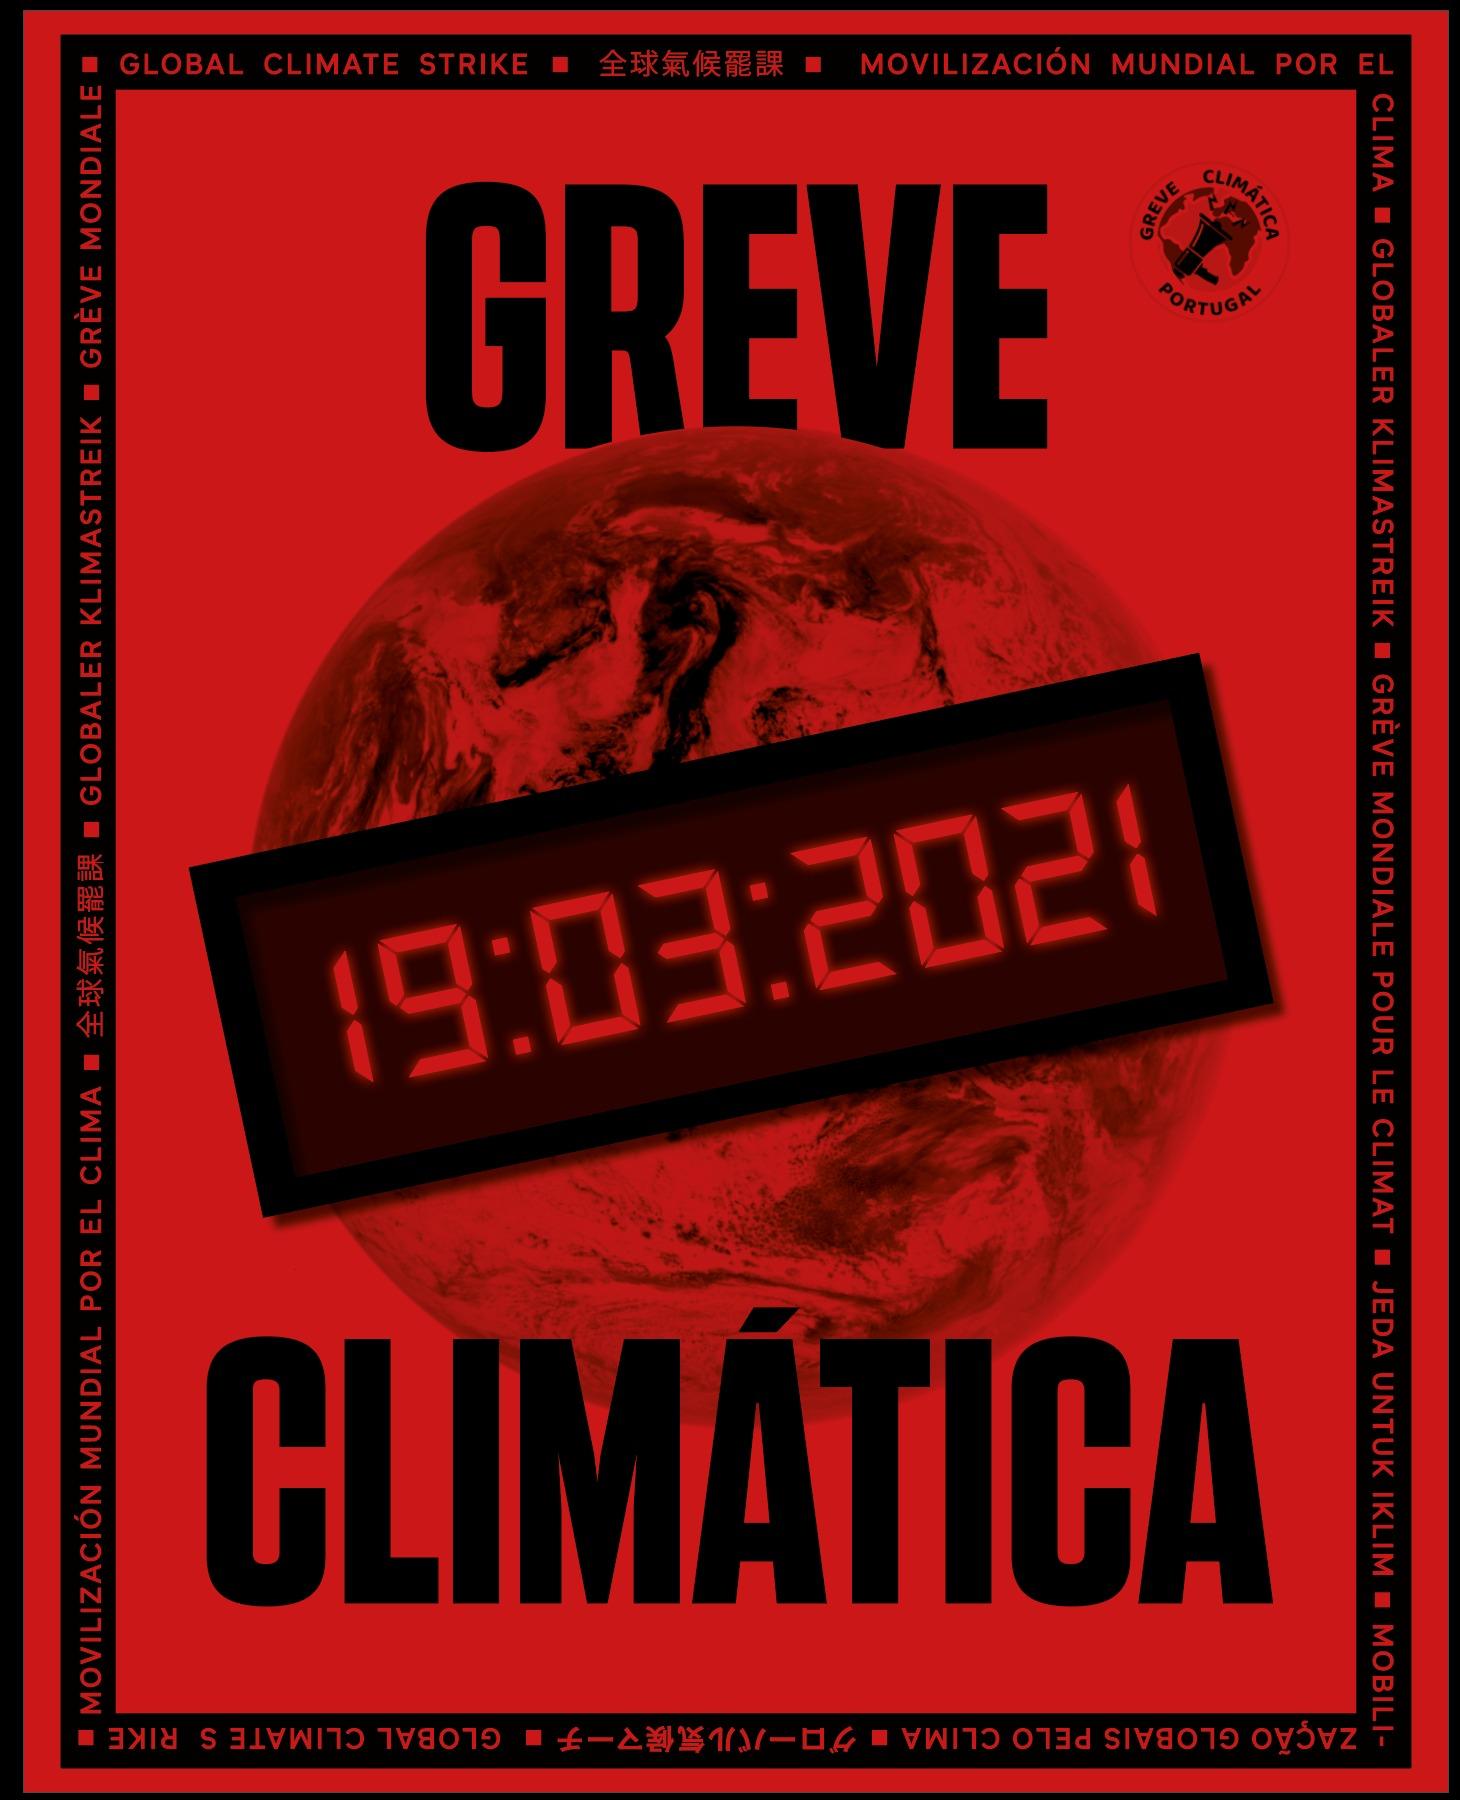 Greve Climática Estudantil avisa: só temos 7 anos para salvar o planeta